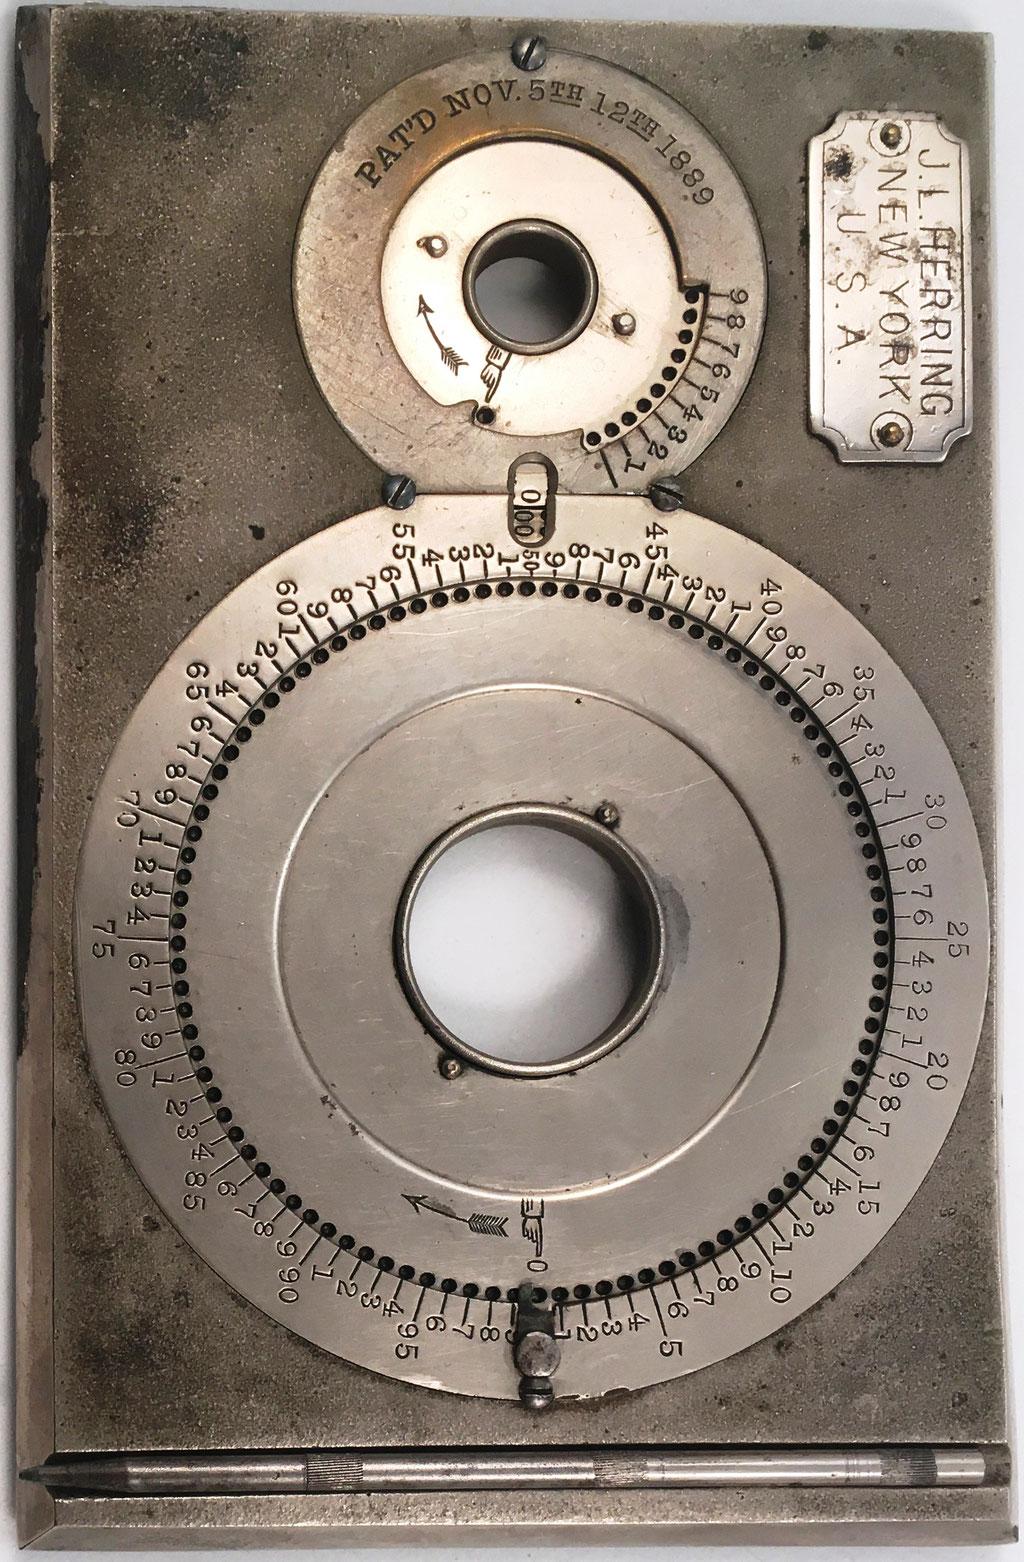 Aparato HERRING Computing Machine (similar a WEBB Adder), diseñado por John L. Herring en Derry (Pensilvania, USA), patentado en 1889 (Pat'd Nov, 5th-12th 1889) y distribuido por Keuffel & Esser Co.  (New York), año 1889, 18.5x12 cm